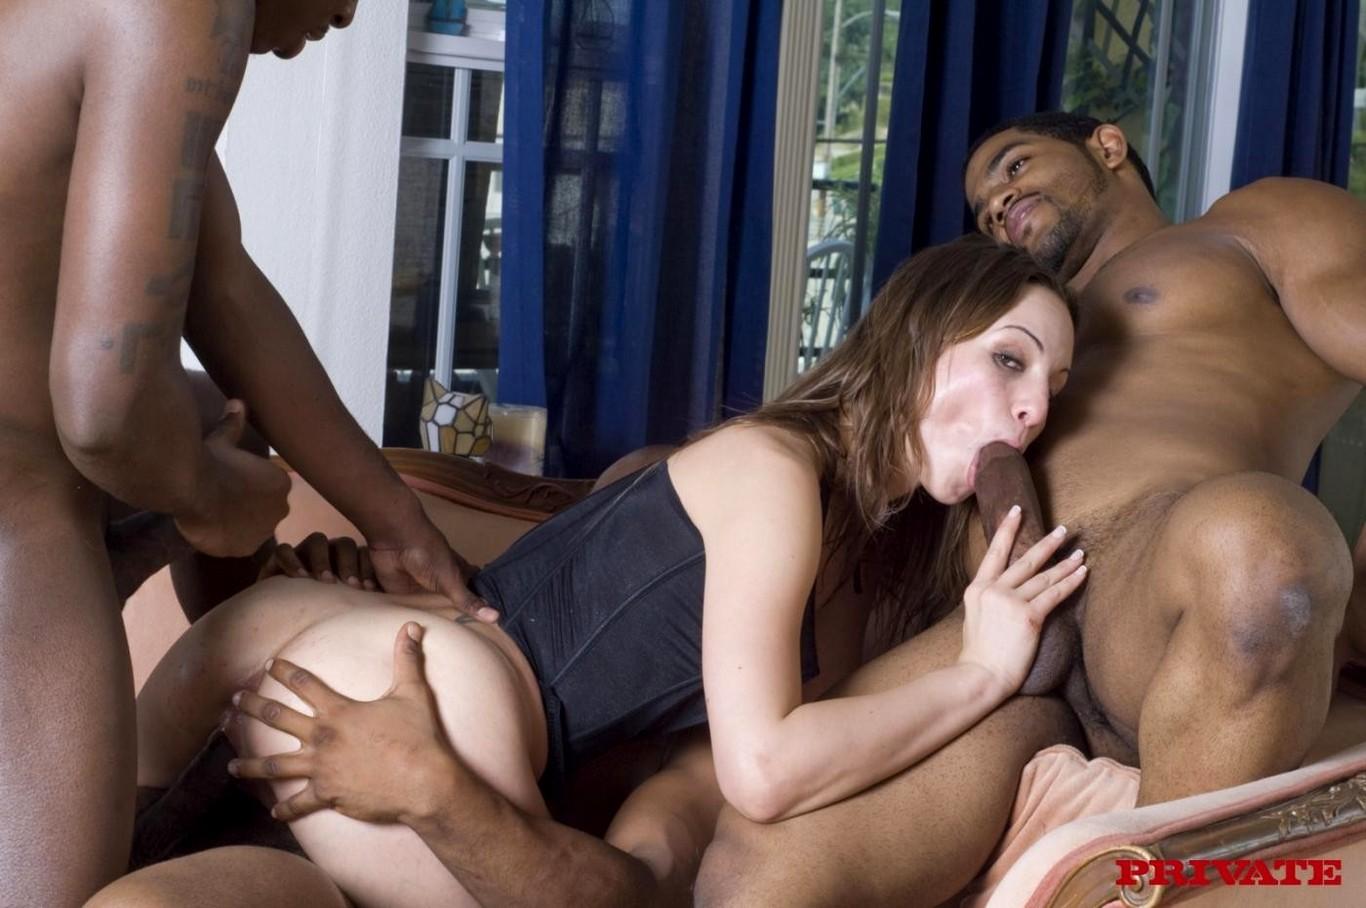 Секс с негырами, Порно с неграми. Темнокожие парни трахают женщин 24 фотография